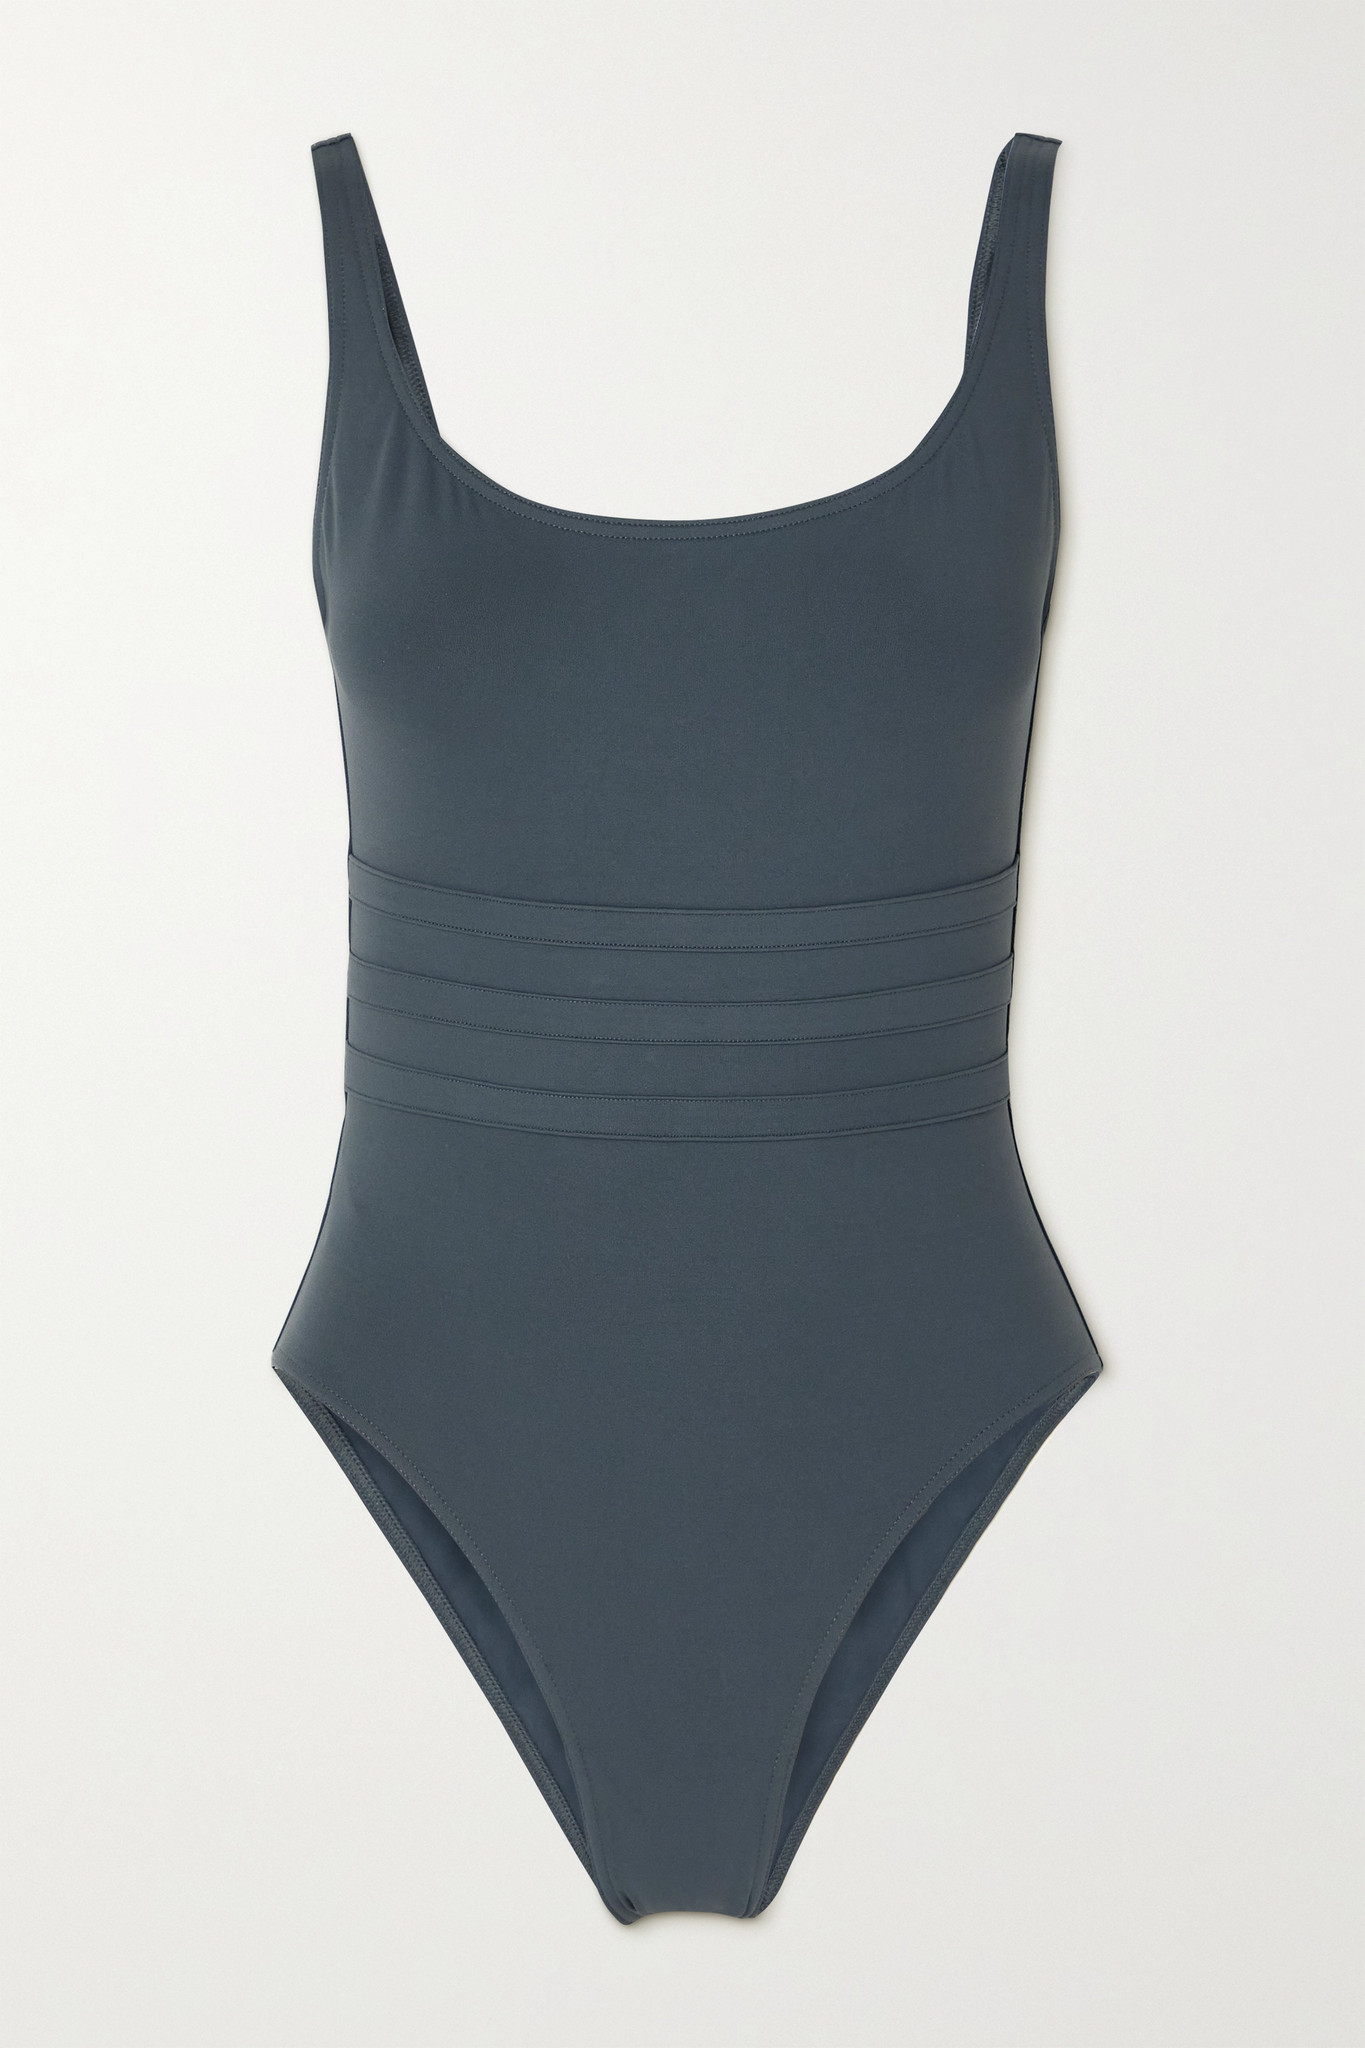 ERES - Les Essentiels Asia Swimsuit - Gray - FR38